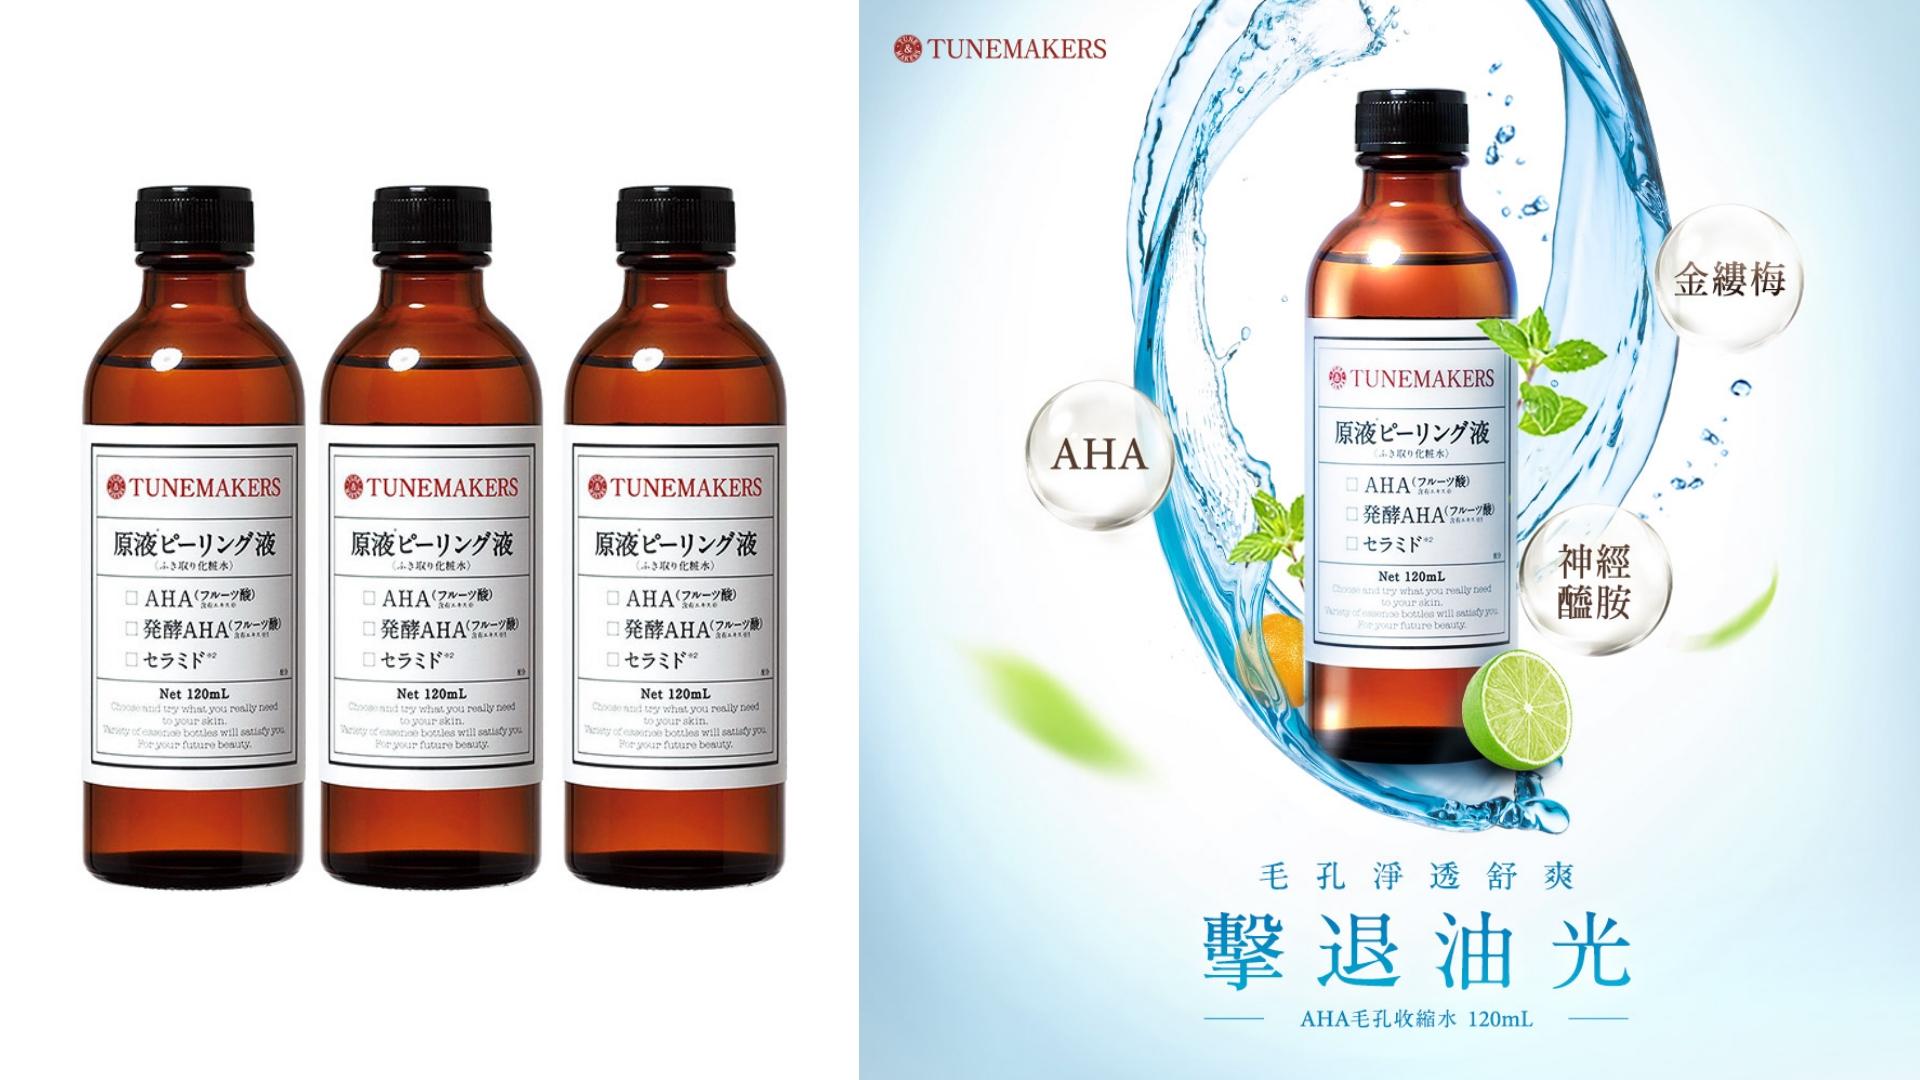 被稱作日本NO.1原液專家,所有產品都不含礦物油、酒精、人工色素,只給肌膚最需要的!這款毛孔收縮水就是特選3種原液,以黃金比例調和而成!